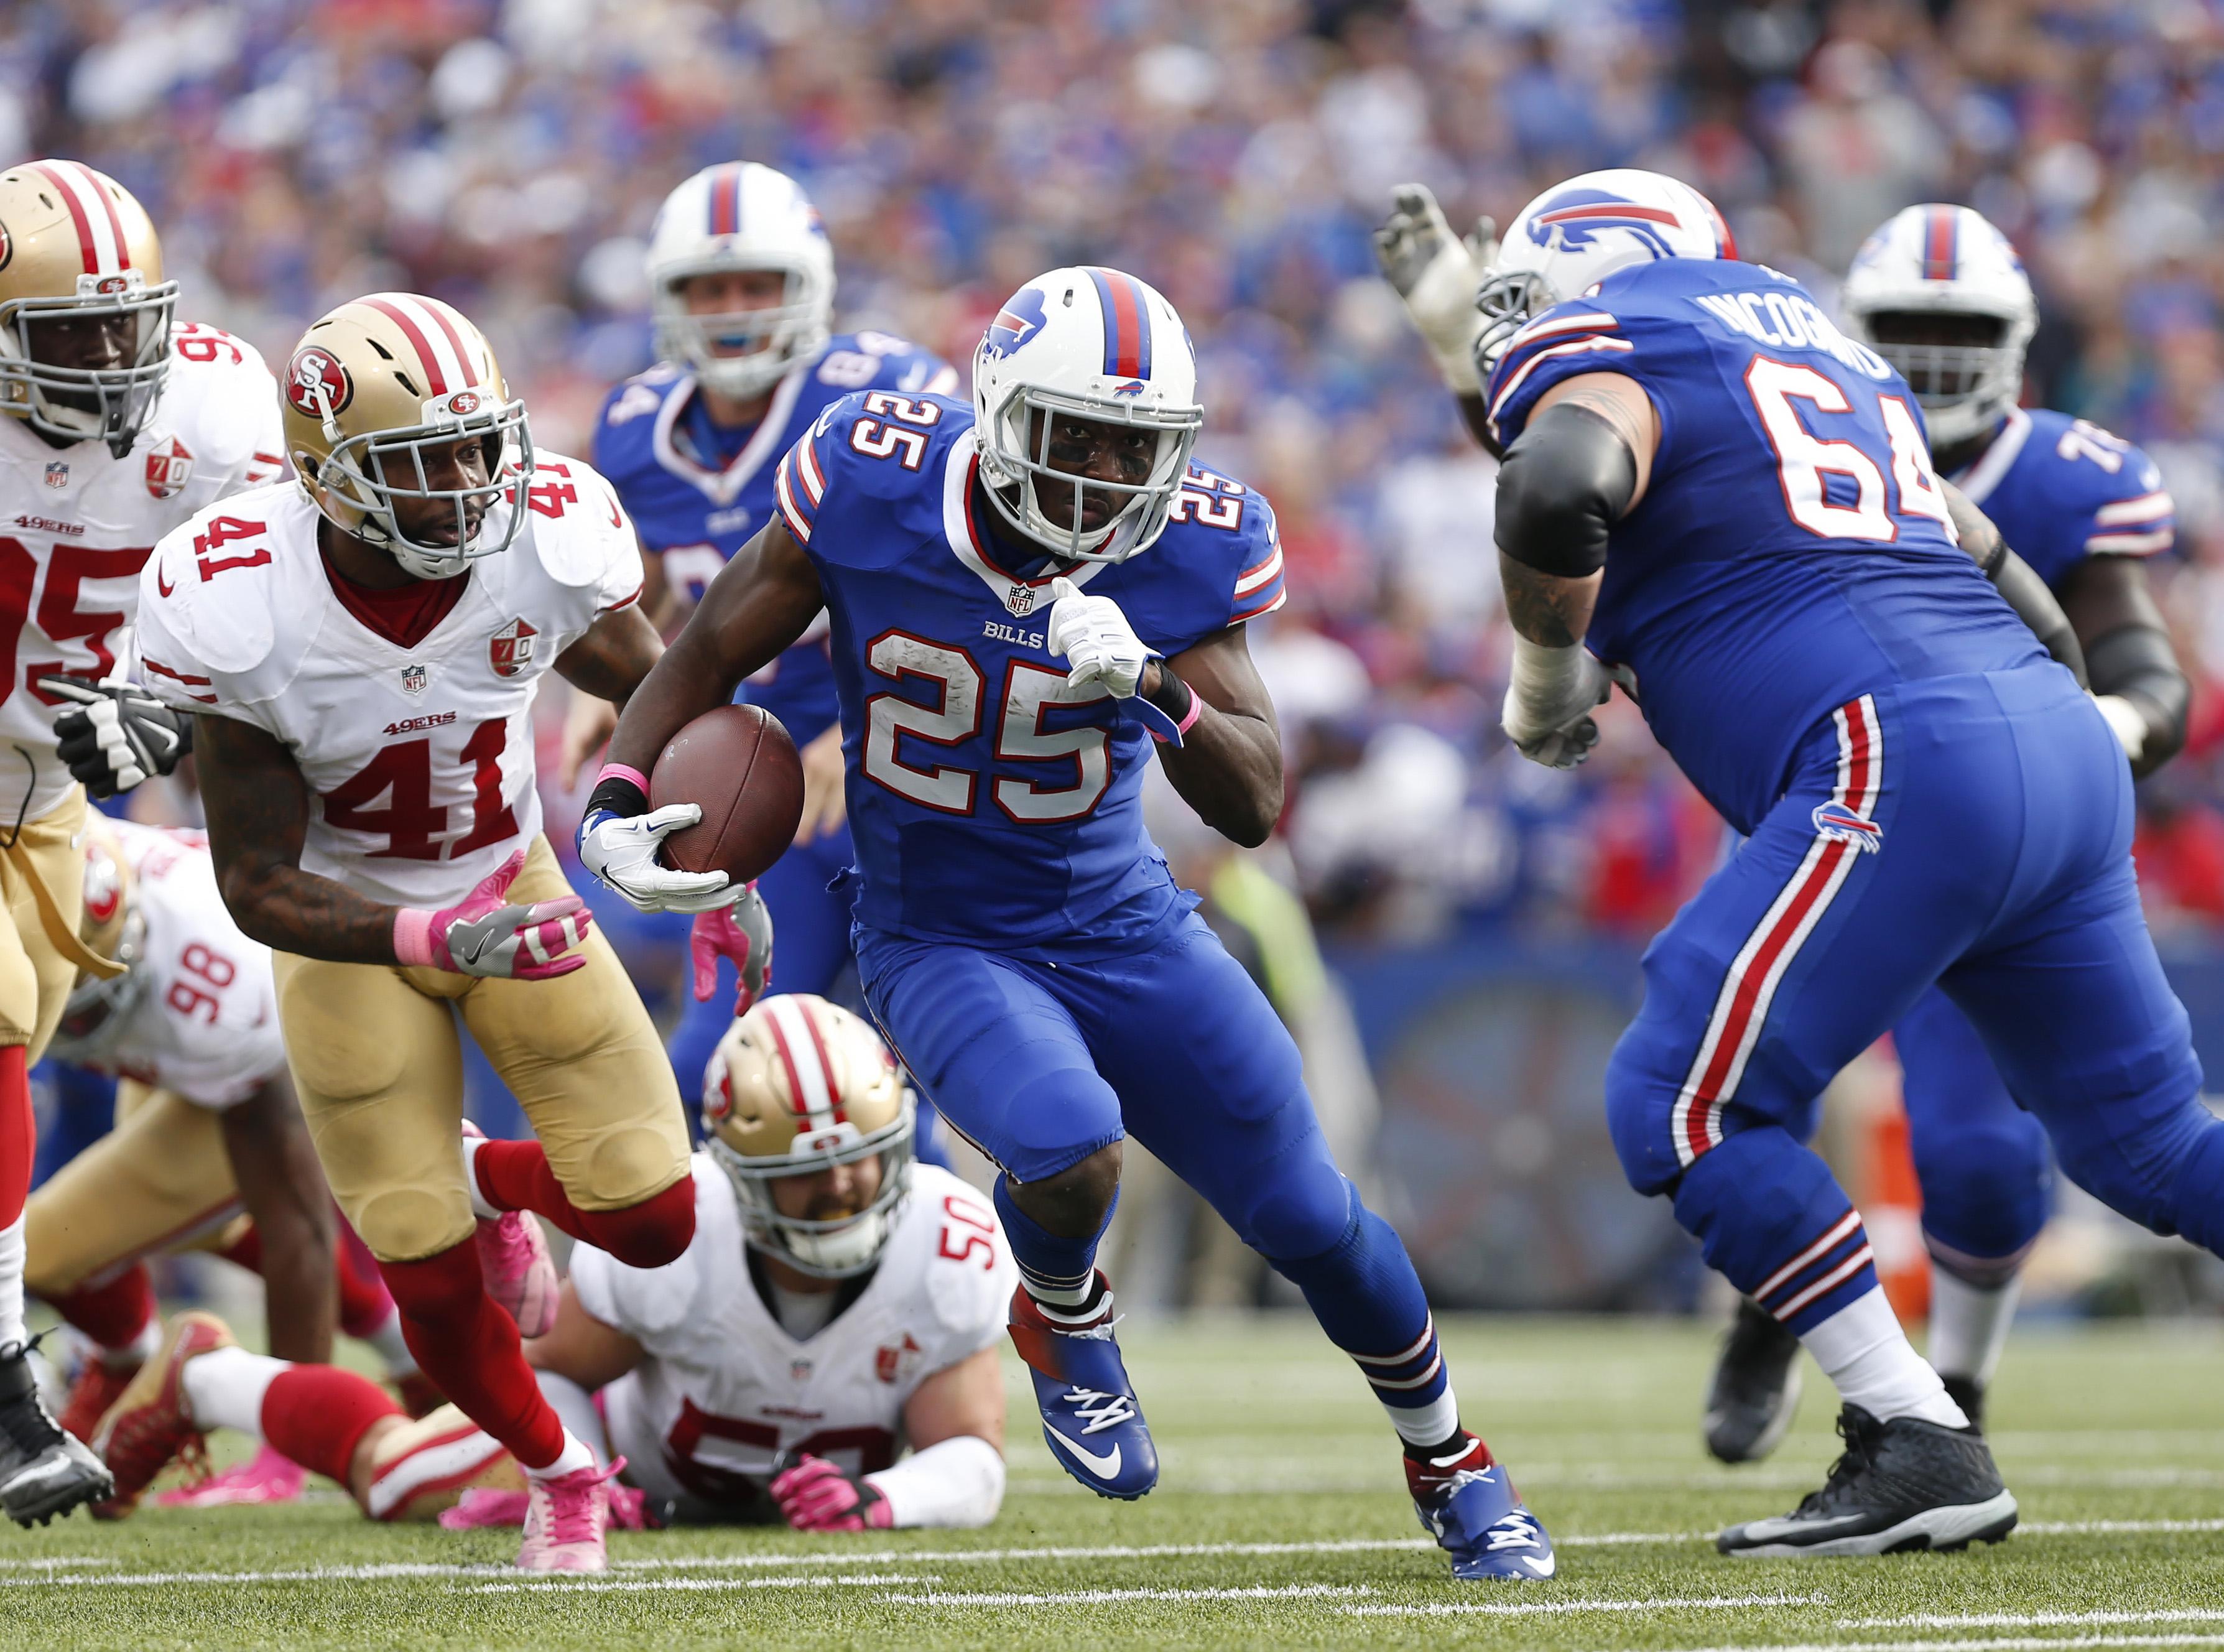 NFL: San Francisco 49ers at Buffalo Bills